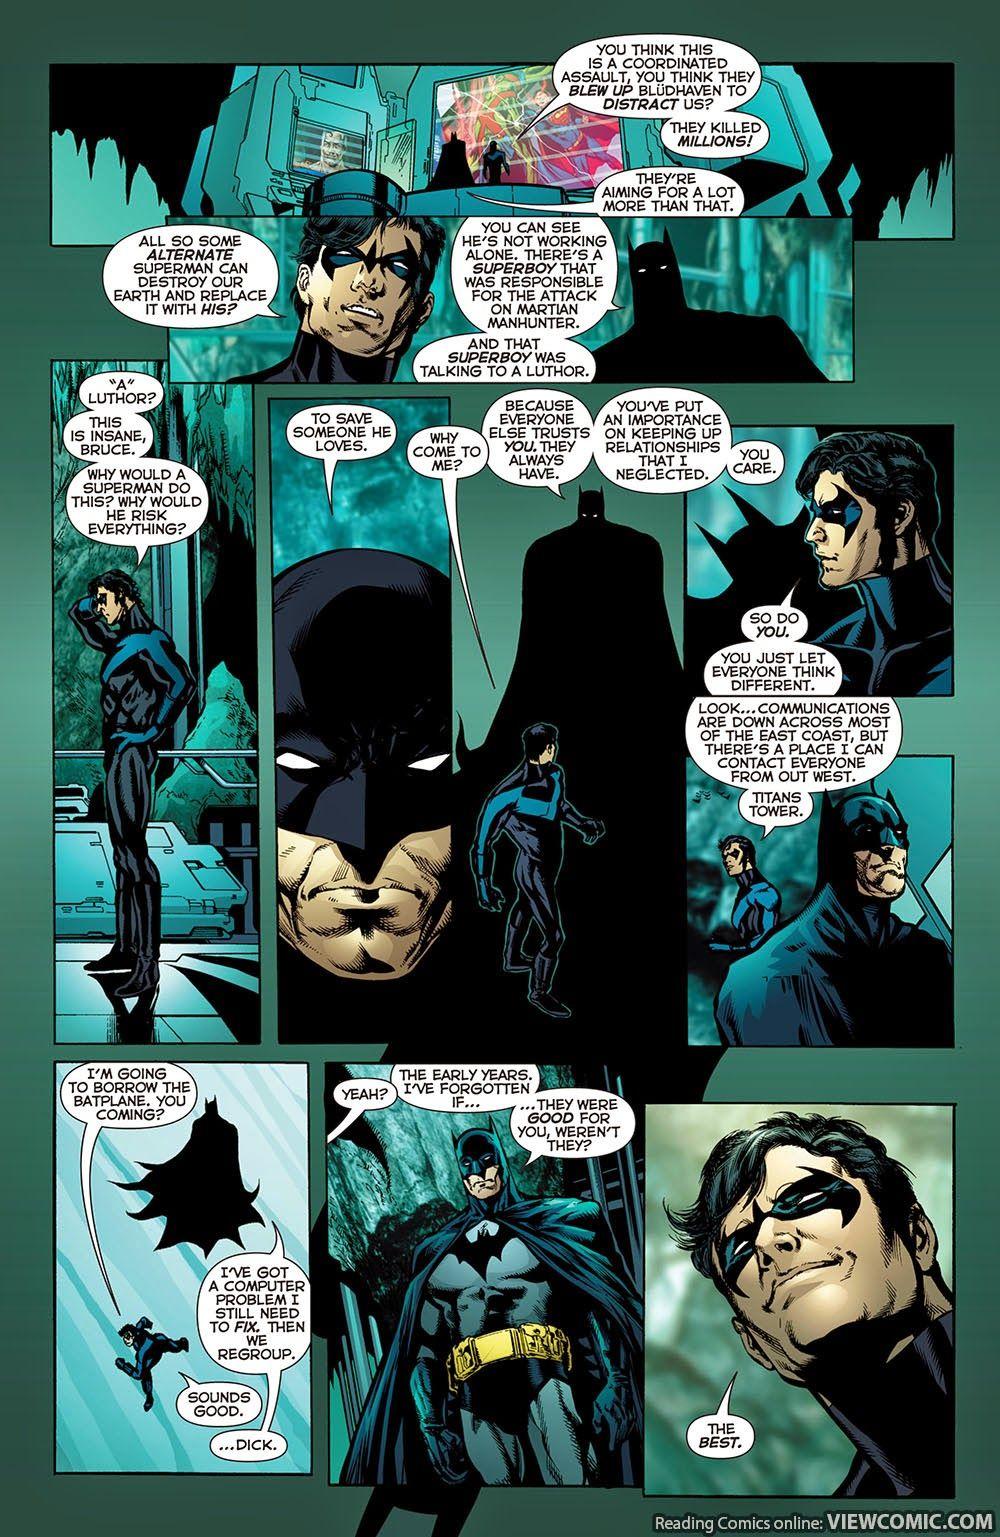 Infinite Crisis 04 (of 07) (2006) ………………… | View Comic